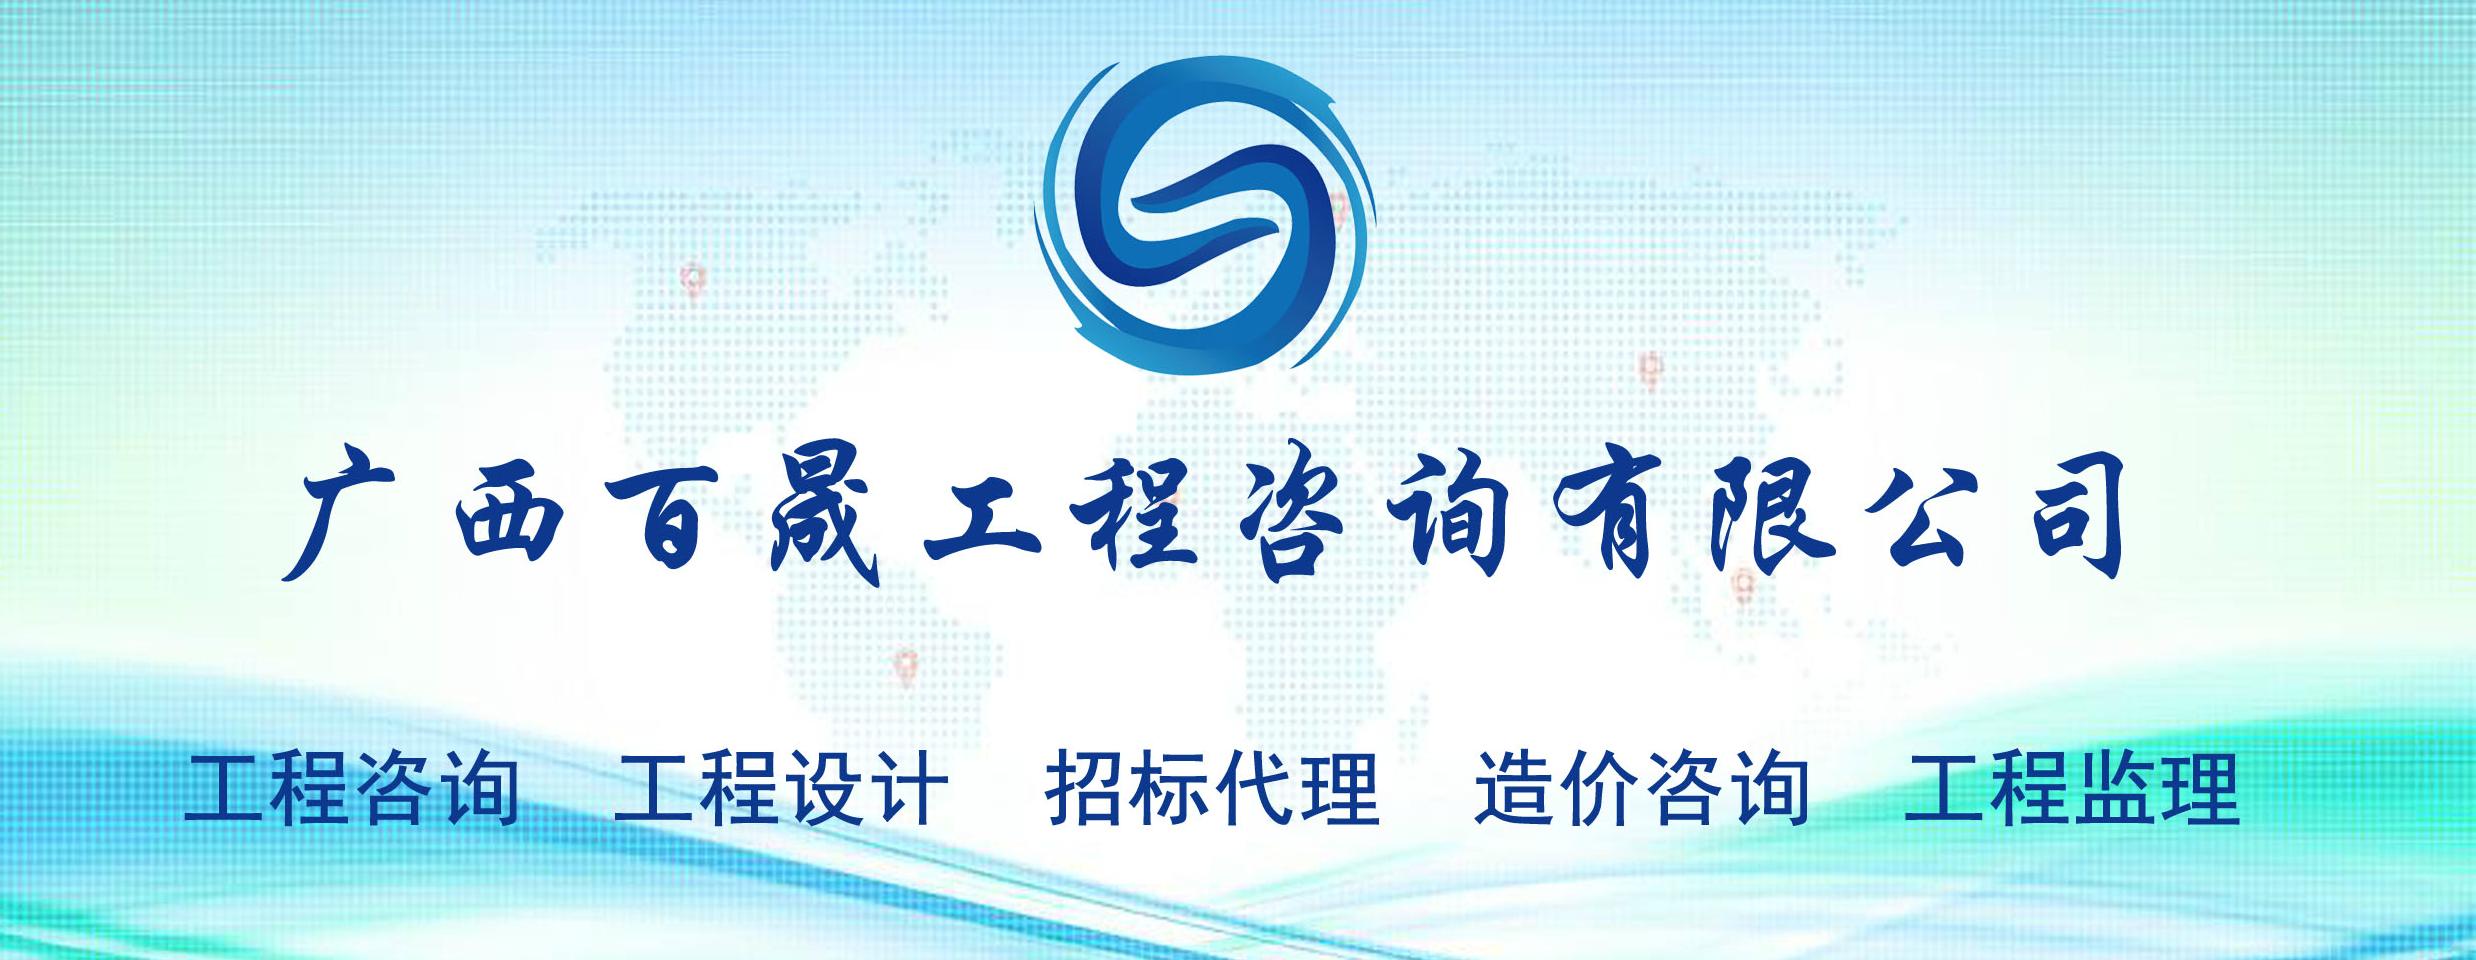 广西百晟工程咨询有限公司